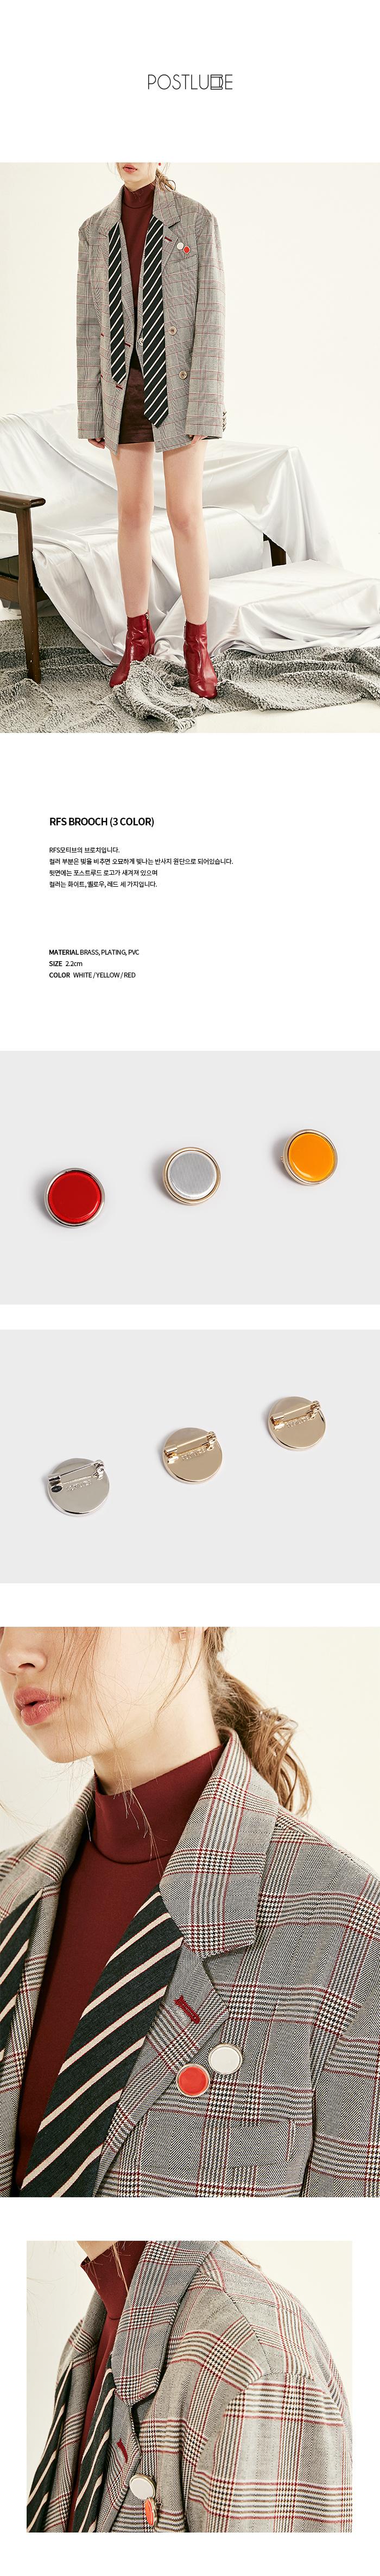 포스트루드(POSTLUDE) RFS BROOCH (3 colors)